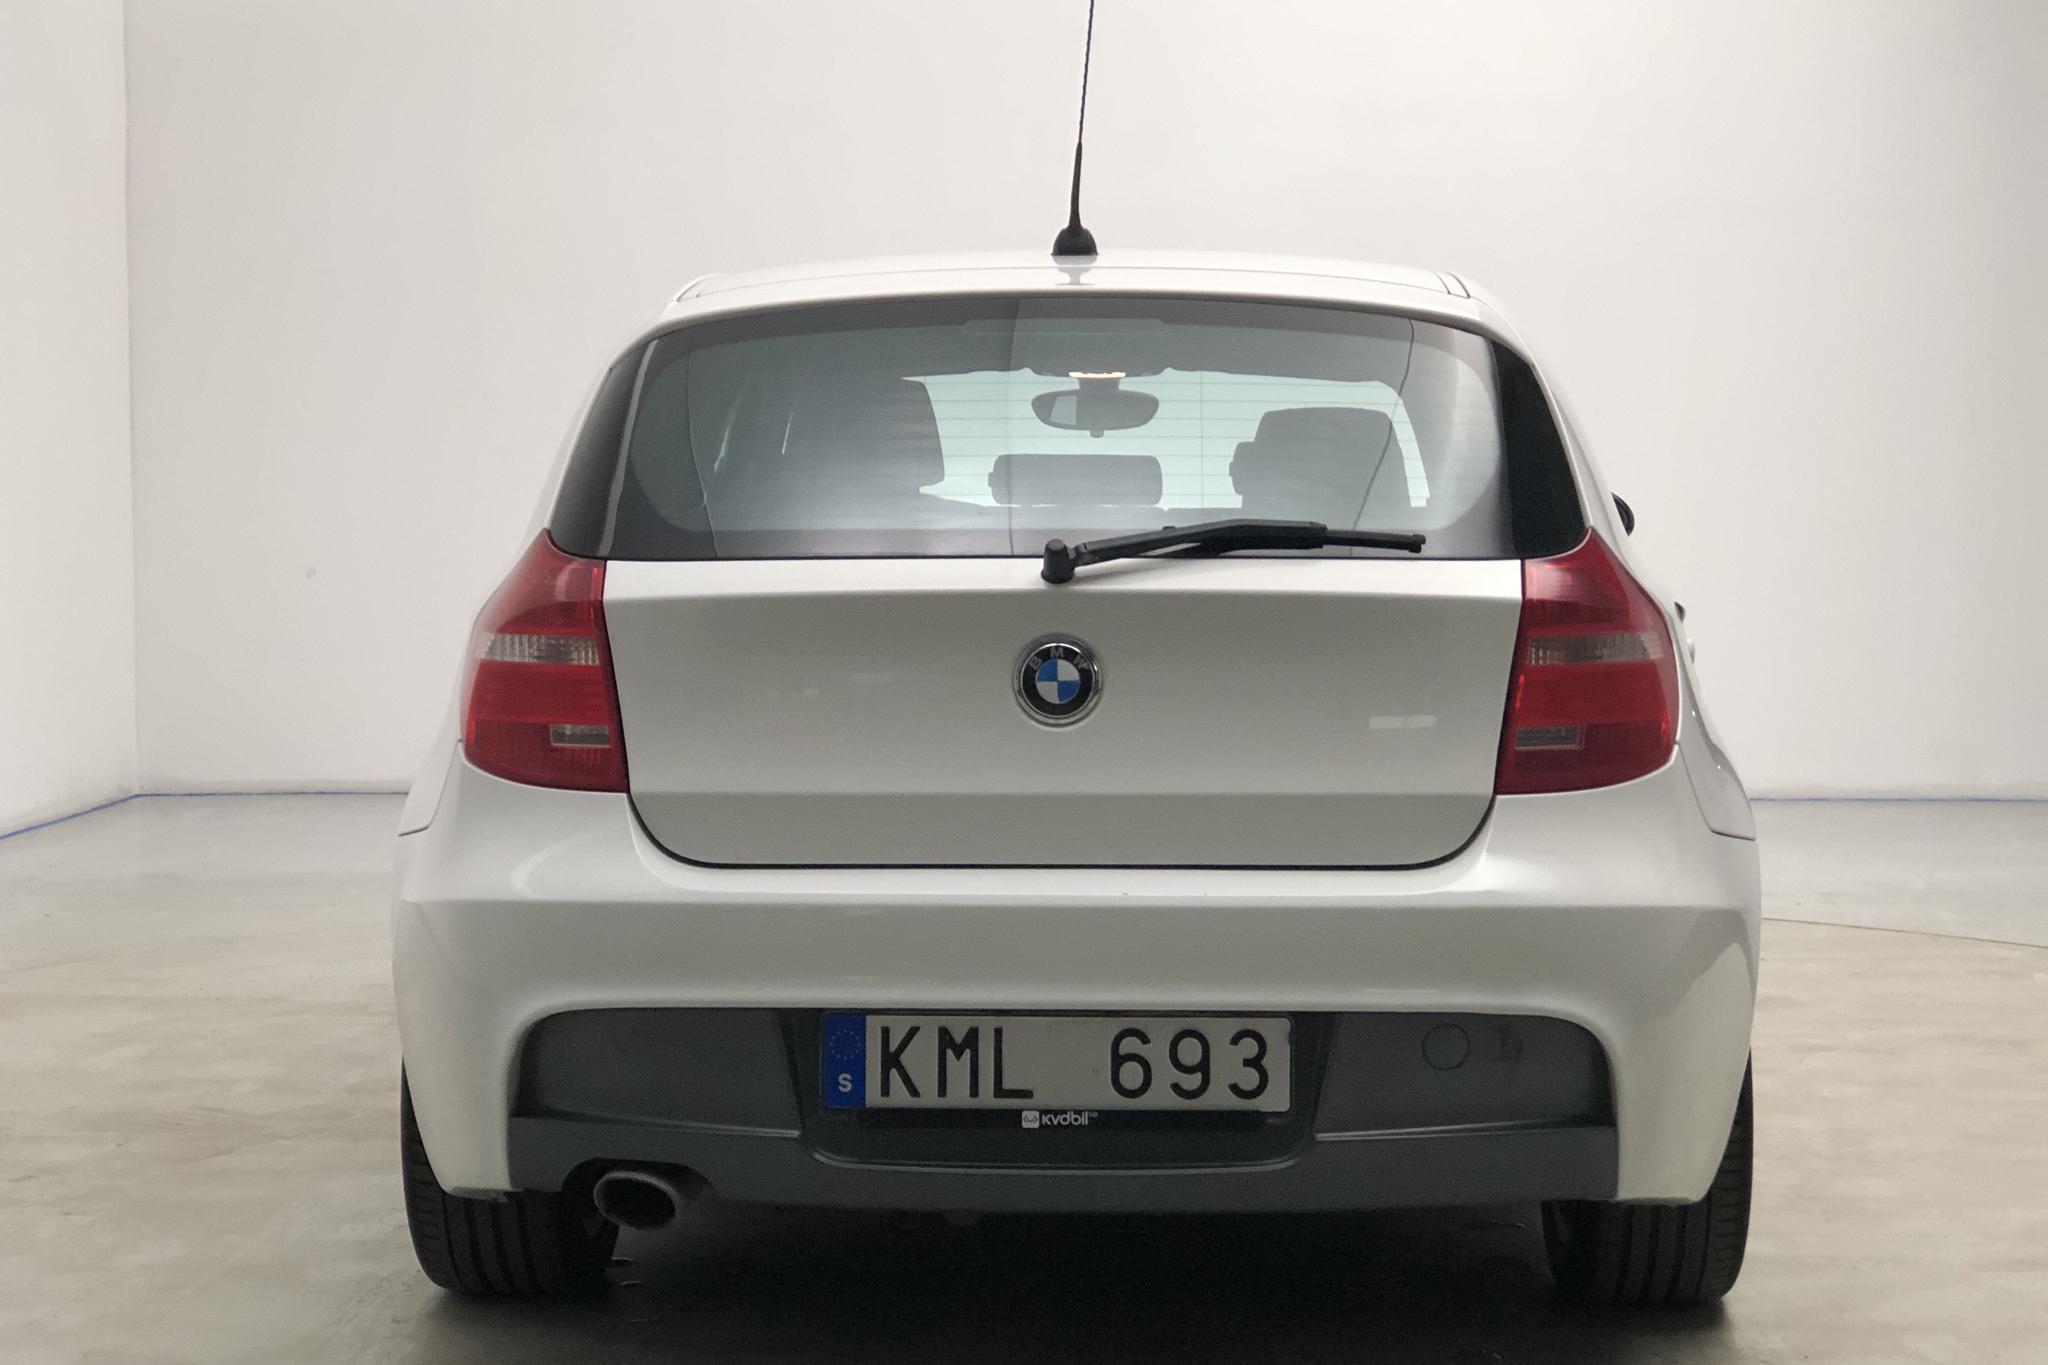 BMW 118d 5dr, E87 (143hk) - 18 929 mil - Manuell - vit - 2009